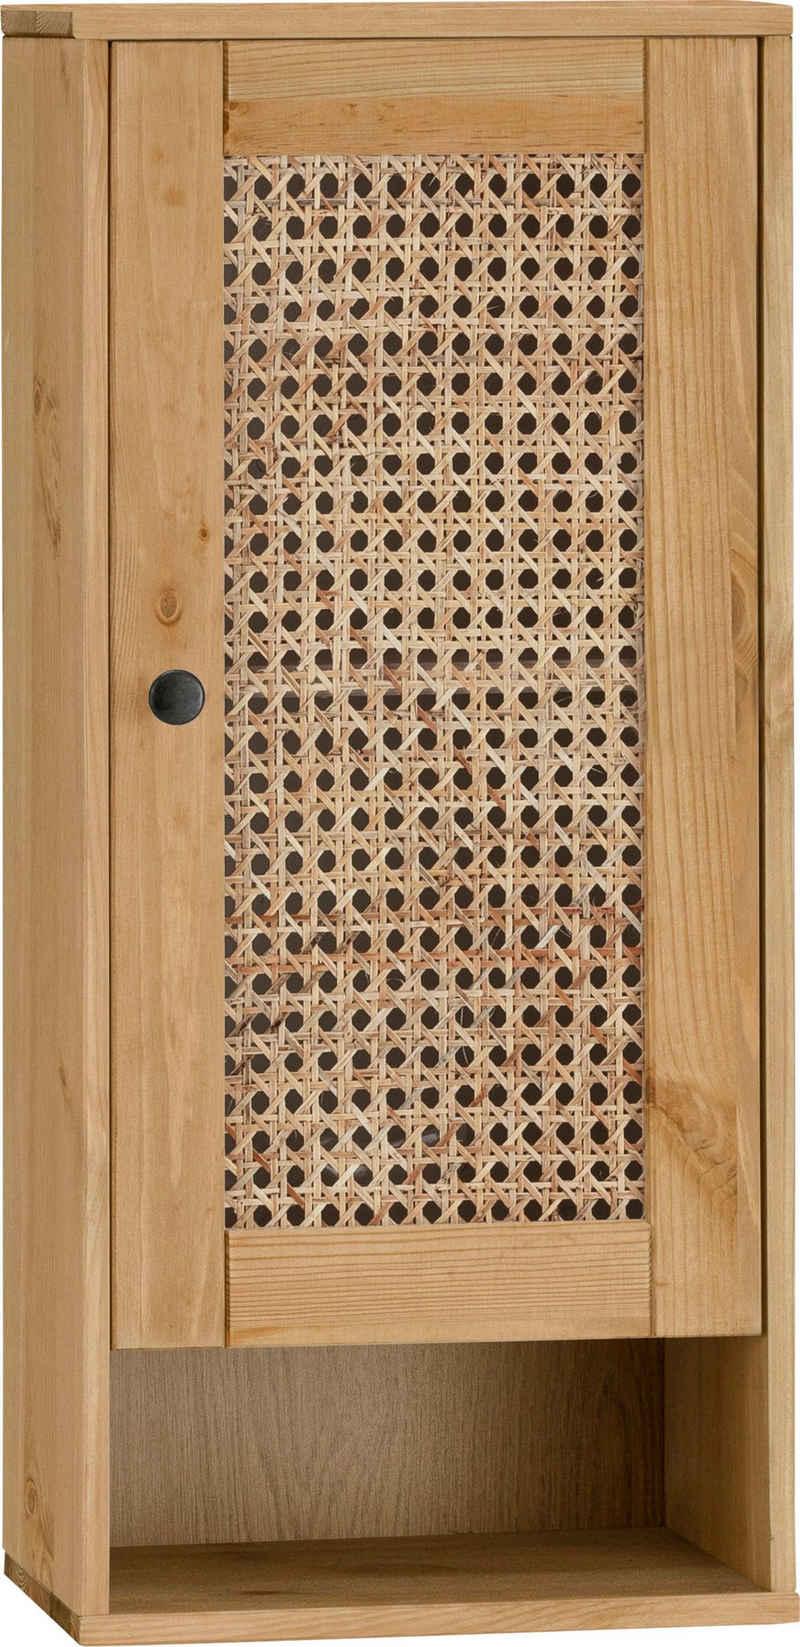 Home affaire Hängeschrank »Roan« aus Kiefer massiv mit Rattan-Einsatz, Breite 32 cm